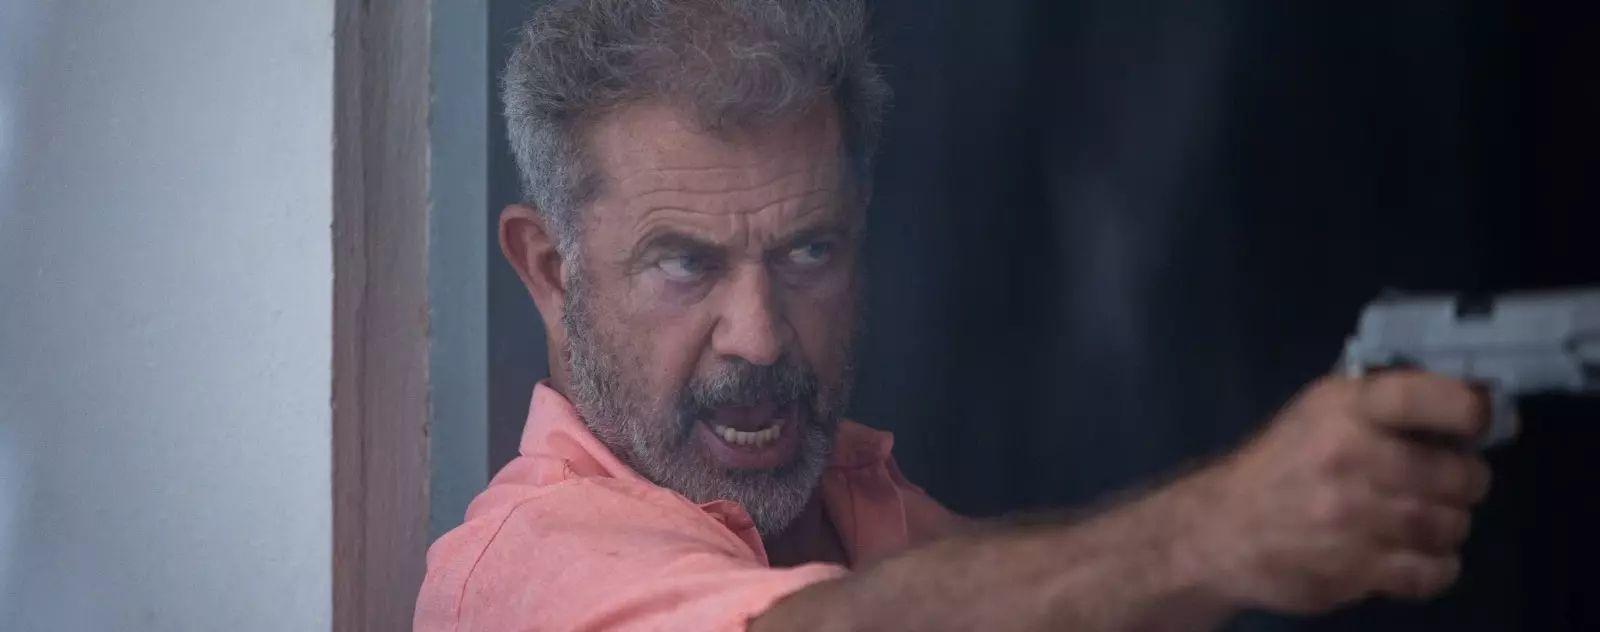 Force of Nature : Mel Gibson rejoue Die Hard en pleine tempête sur Amazon - ÉcranLarge.com